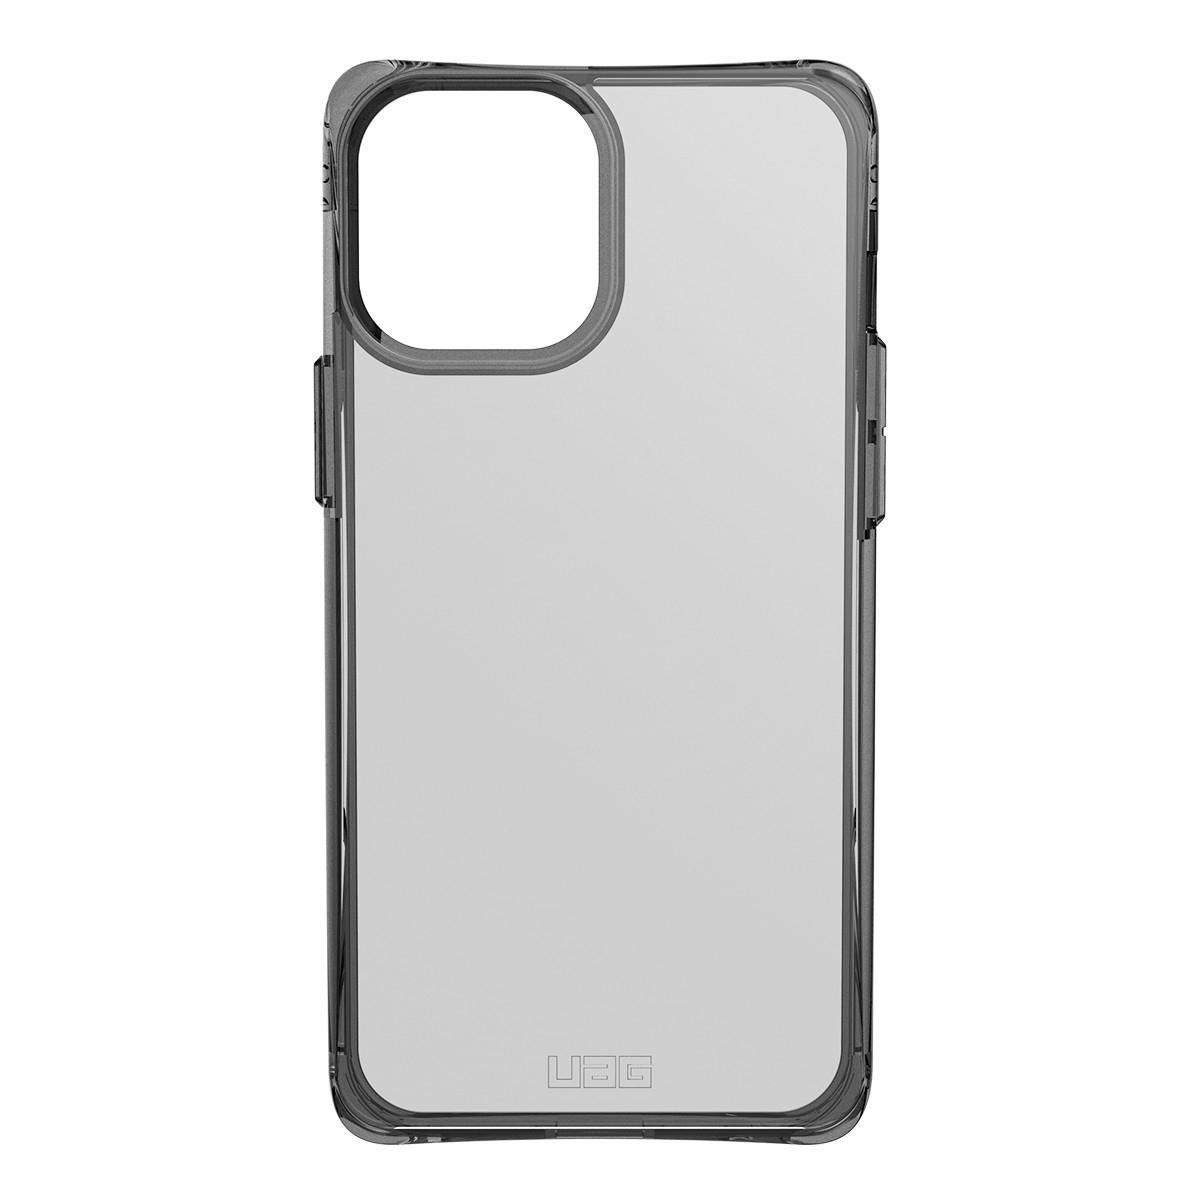 UAG genomskinligt Plyo-skal, iPhone 12 Pro Max, Ash